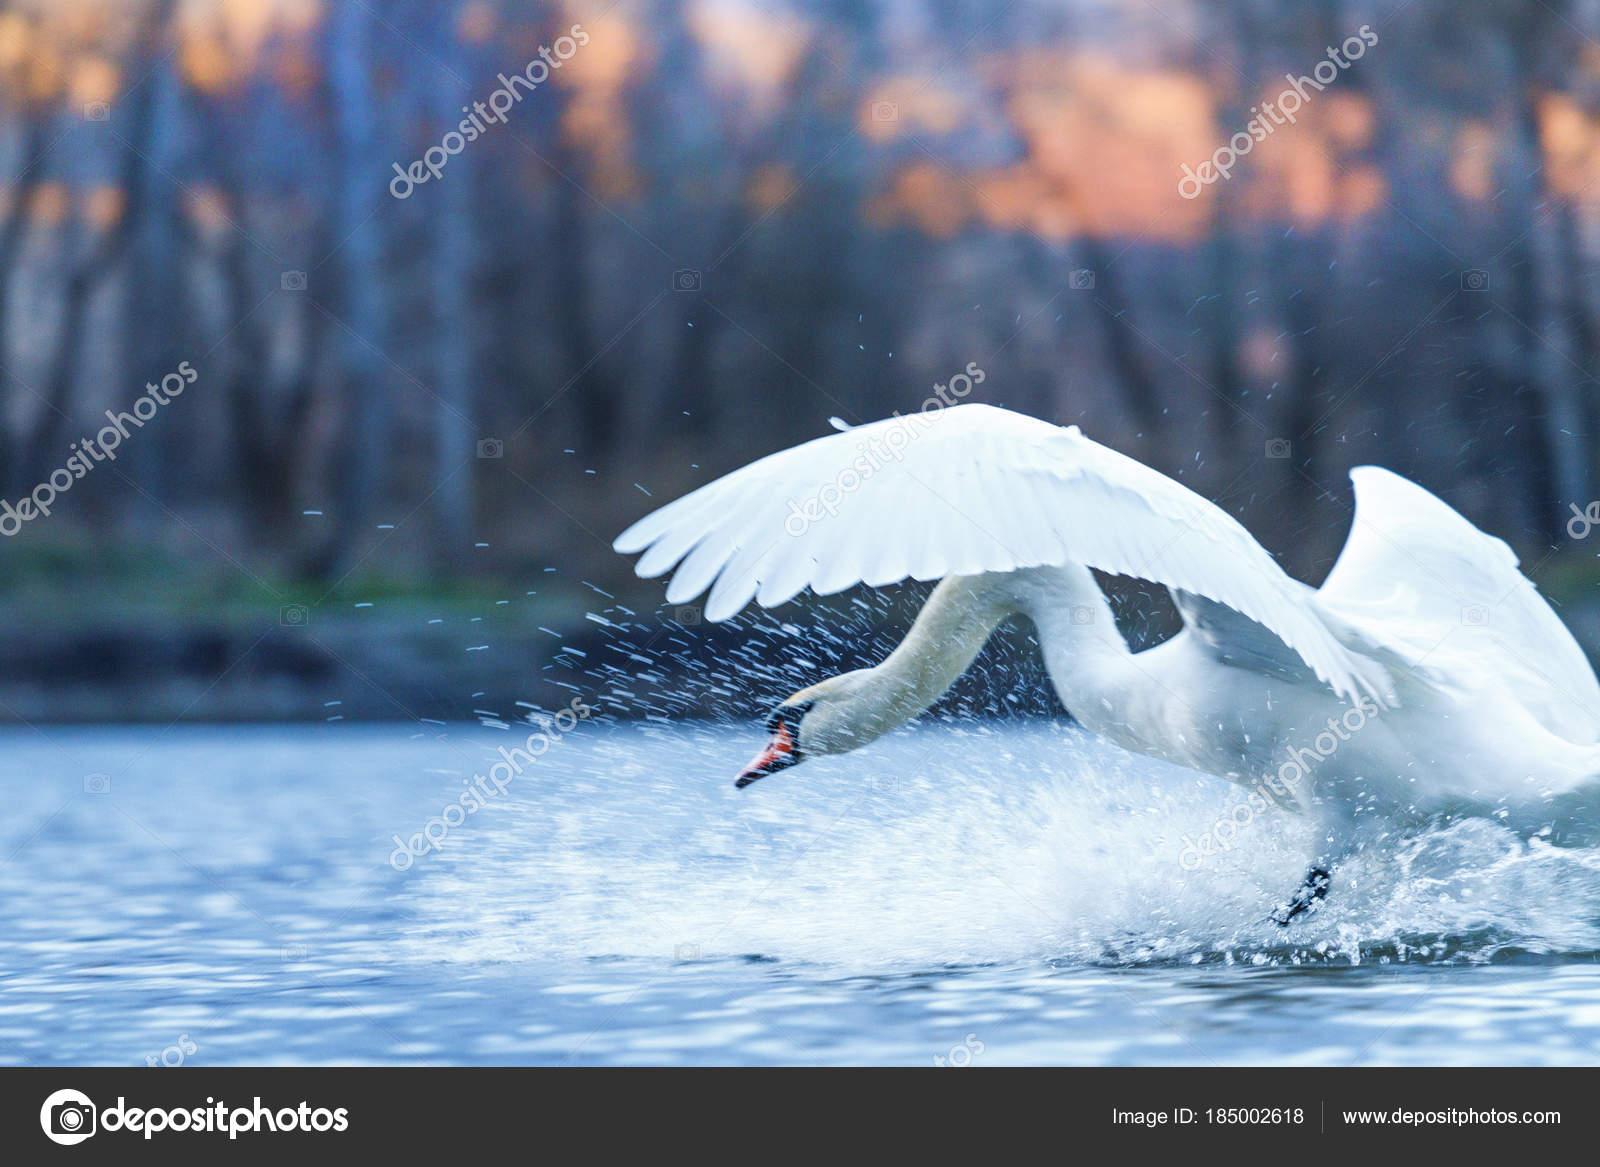 λευκό πουλί εικόνες Teen μουνί βίντεο XXX